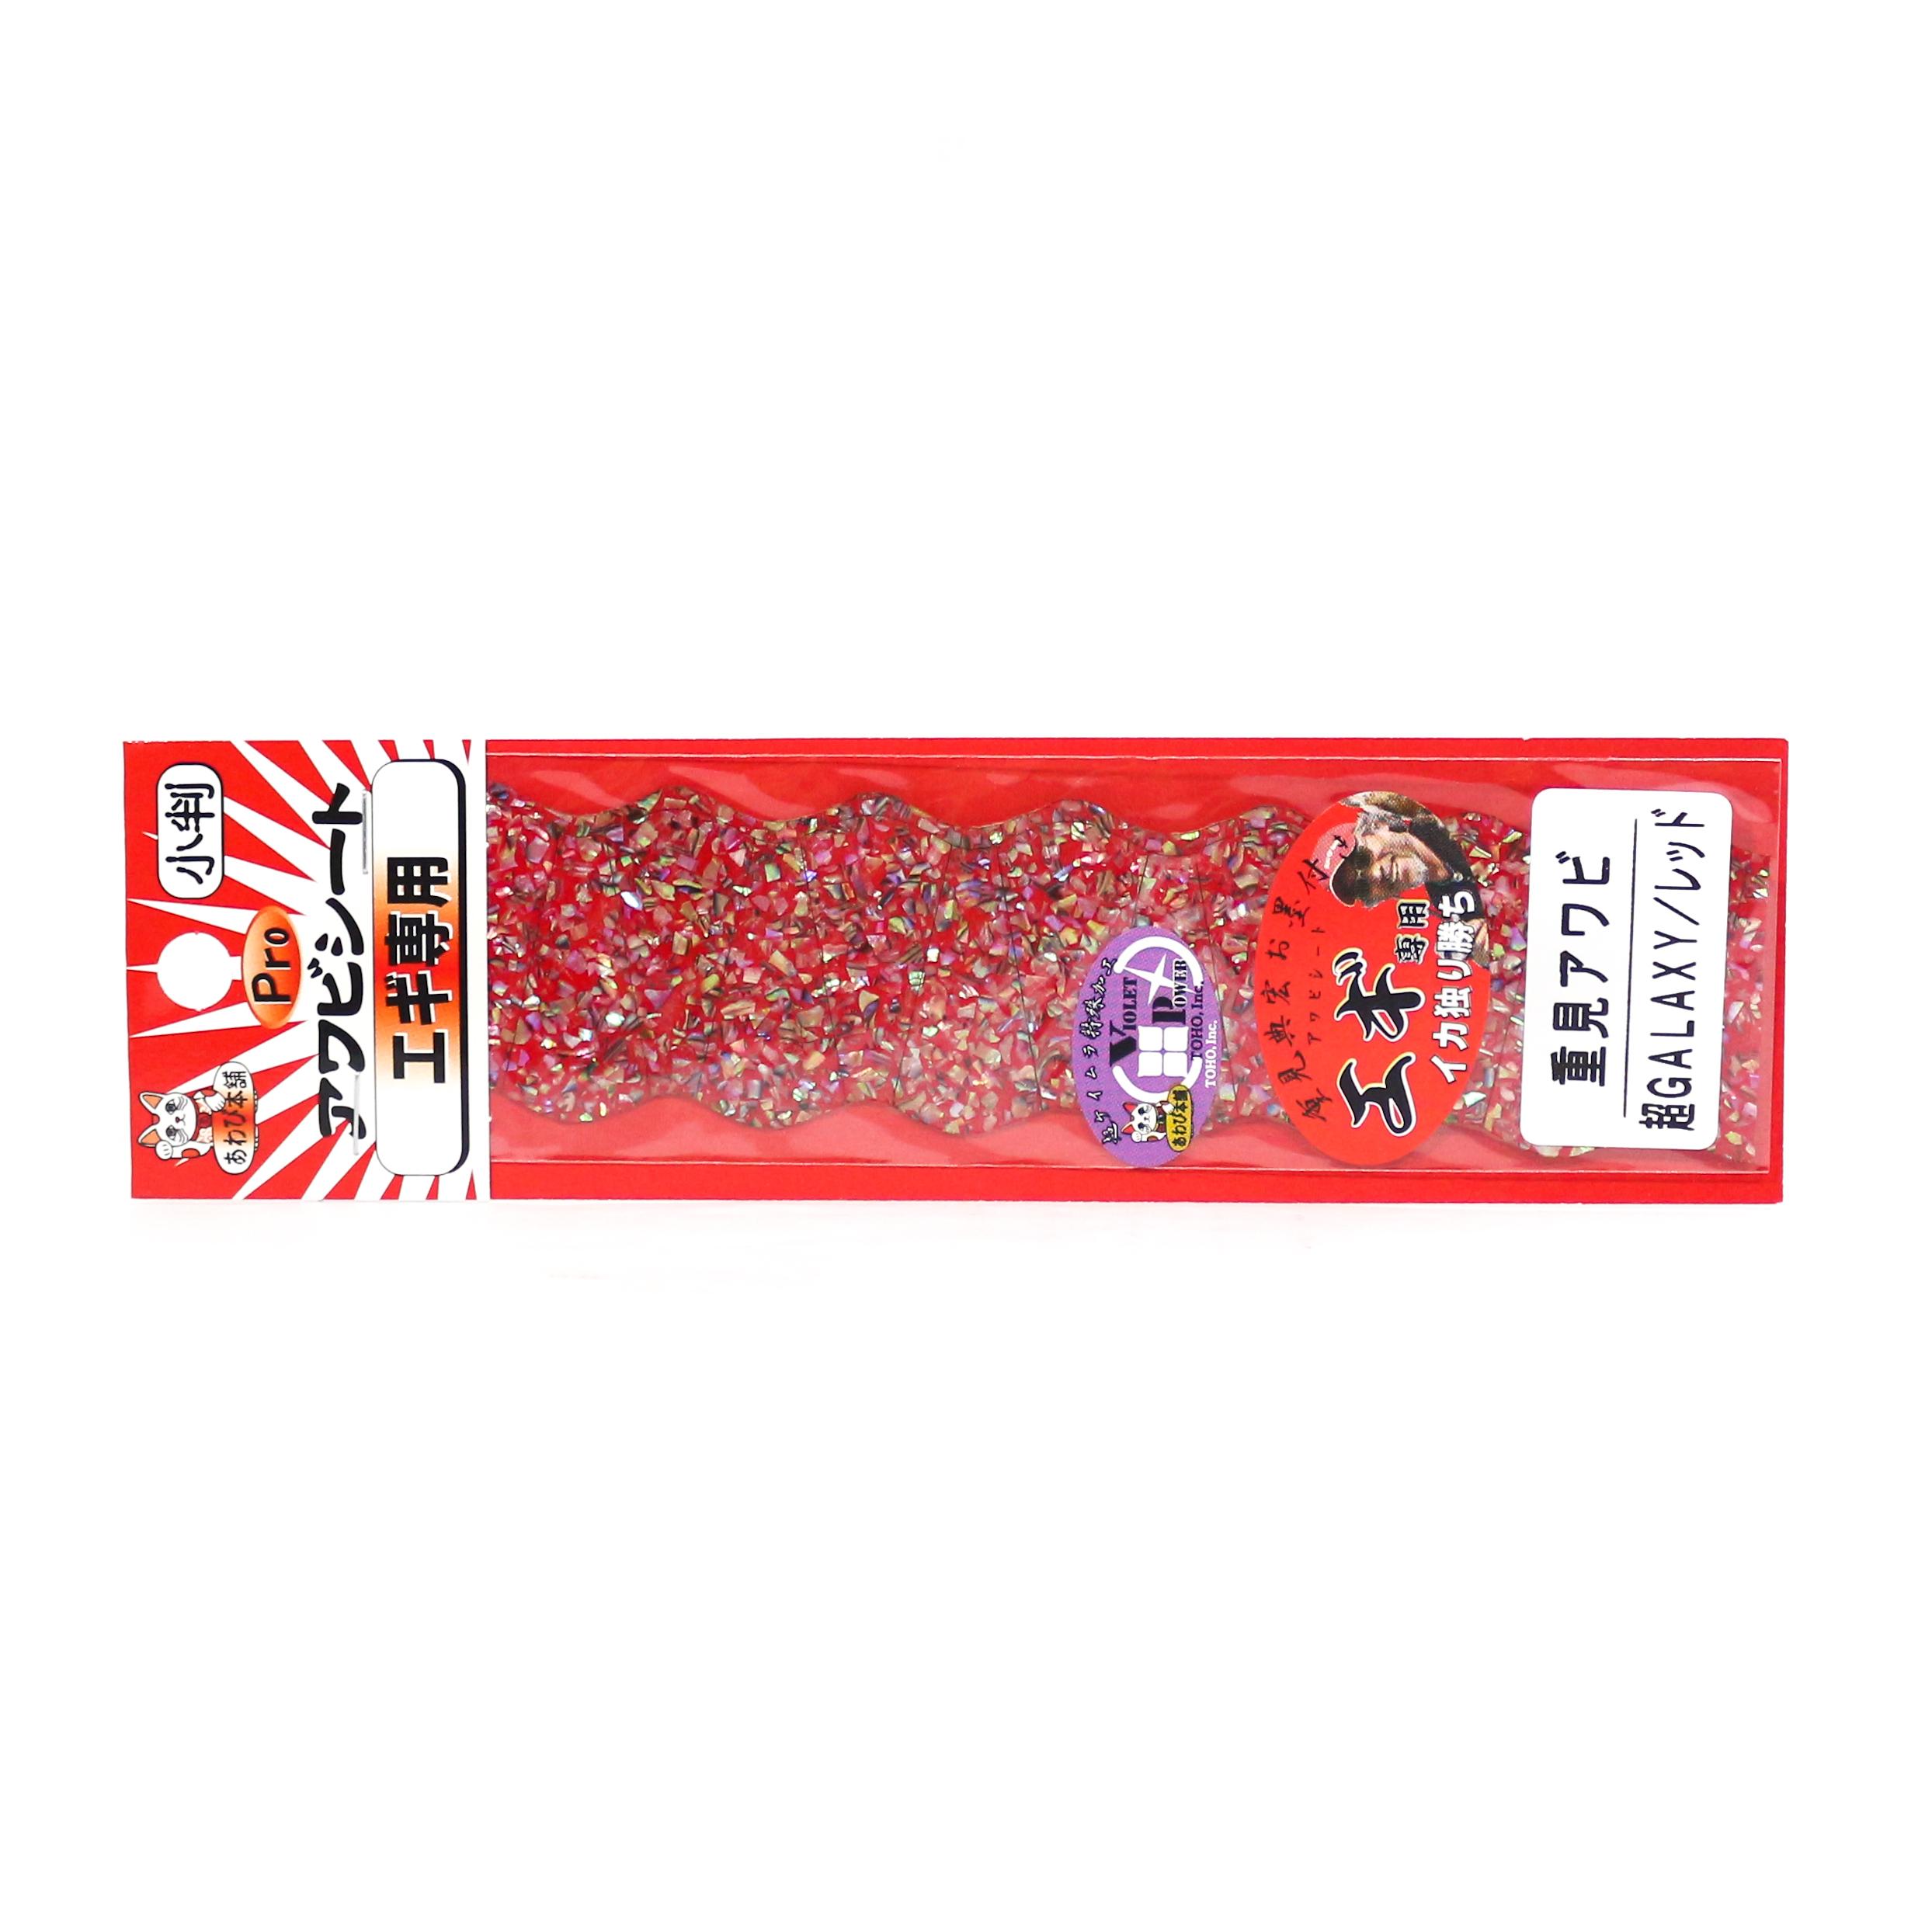 Awabi Honpo Pro Awabi Sheet Shigemi Size S 40 x 140 mm Galaxy/Red (3078)